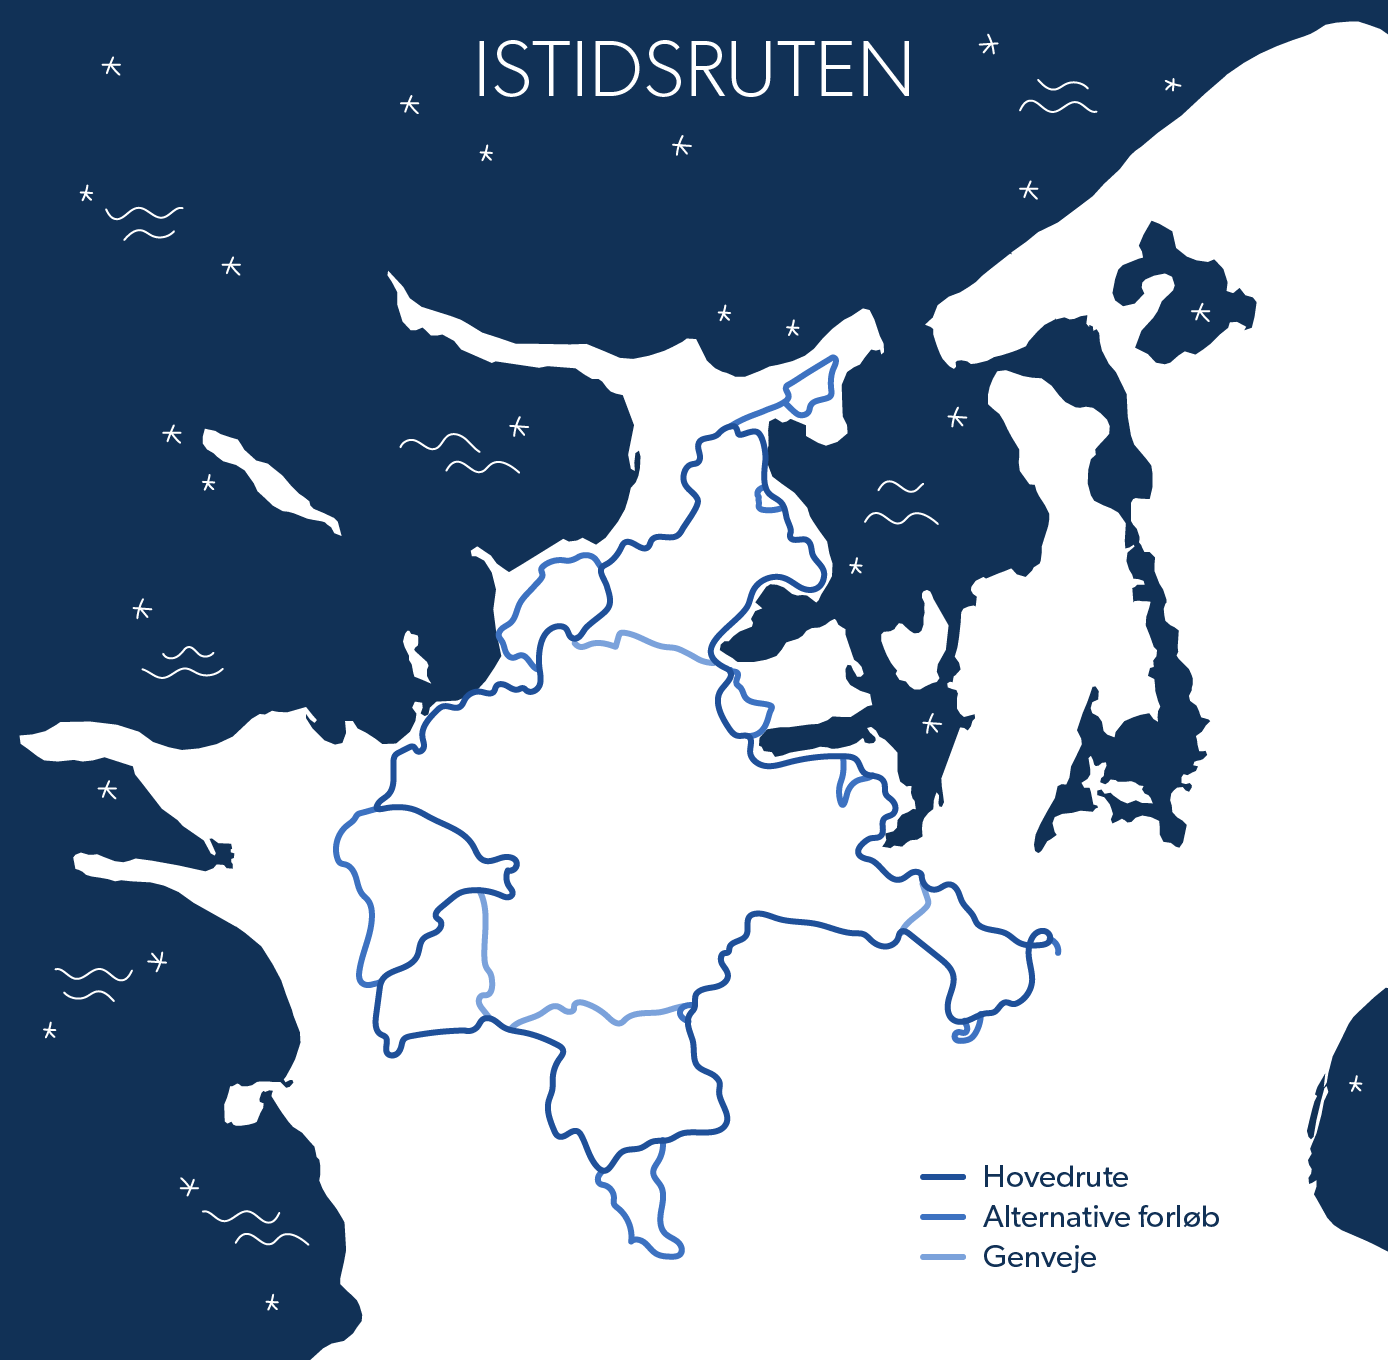 istidsruten_stor.png